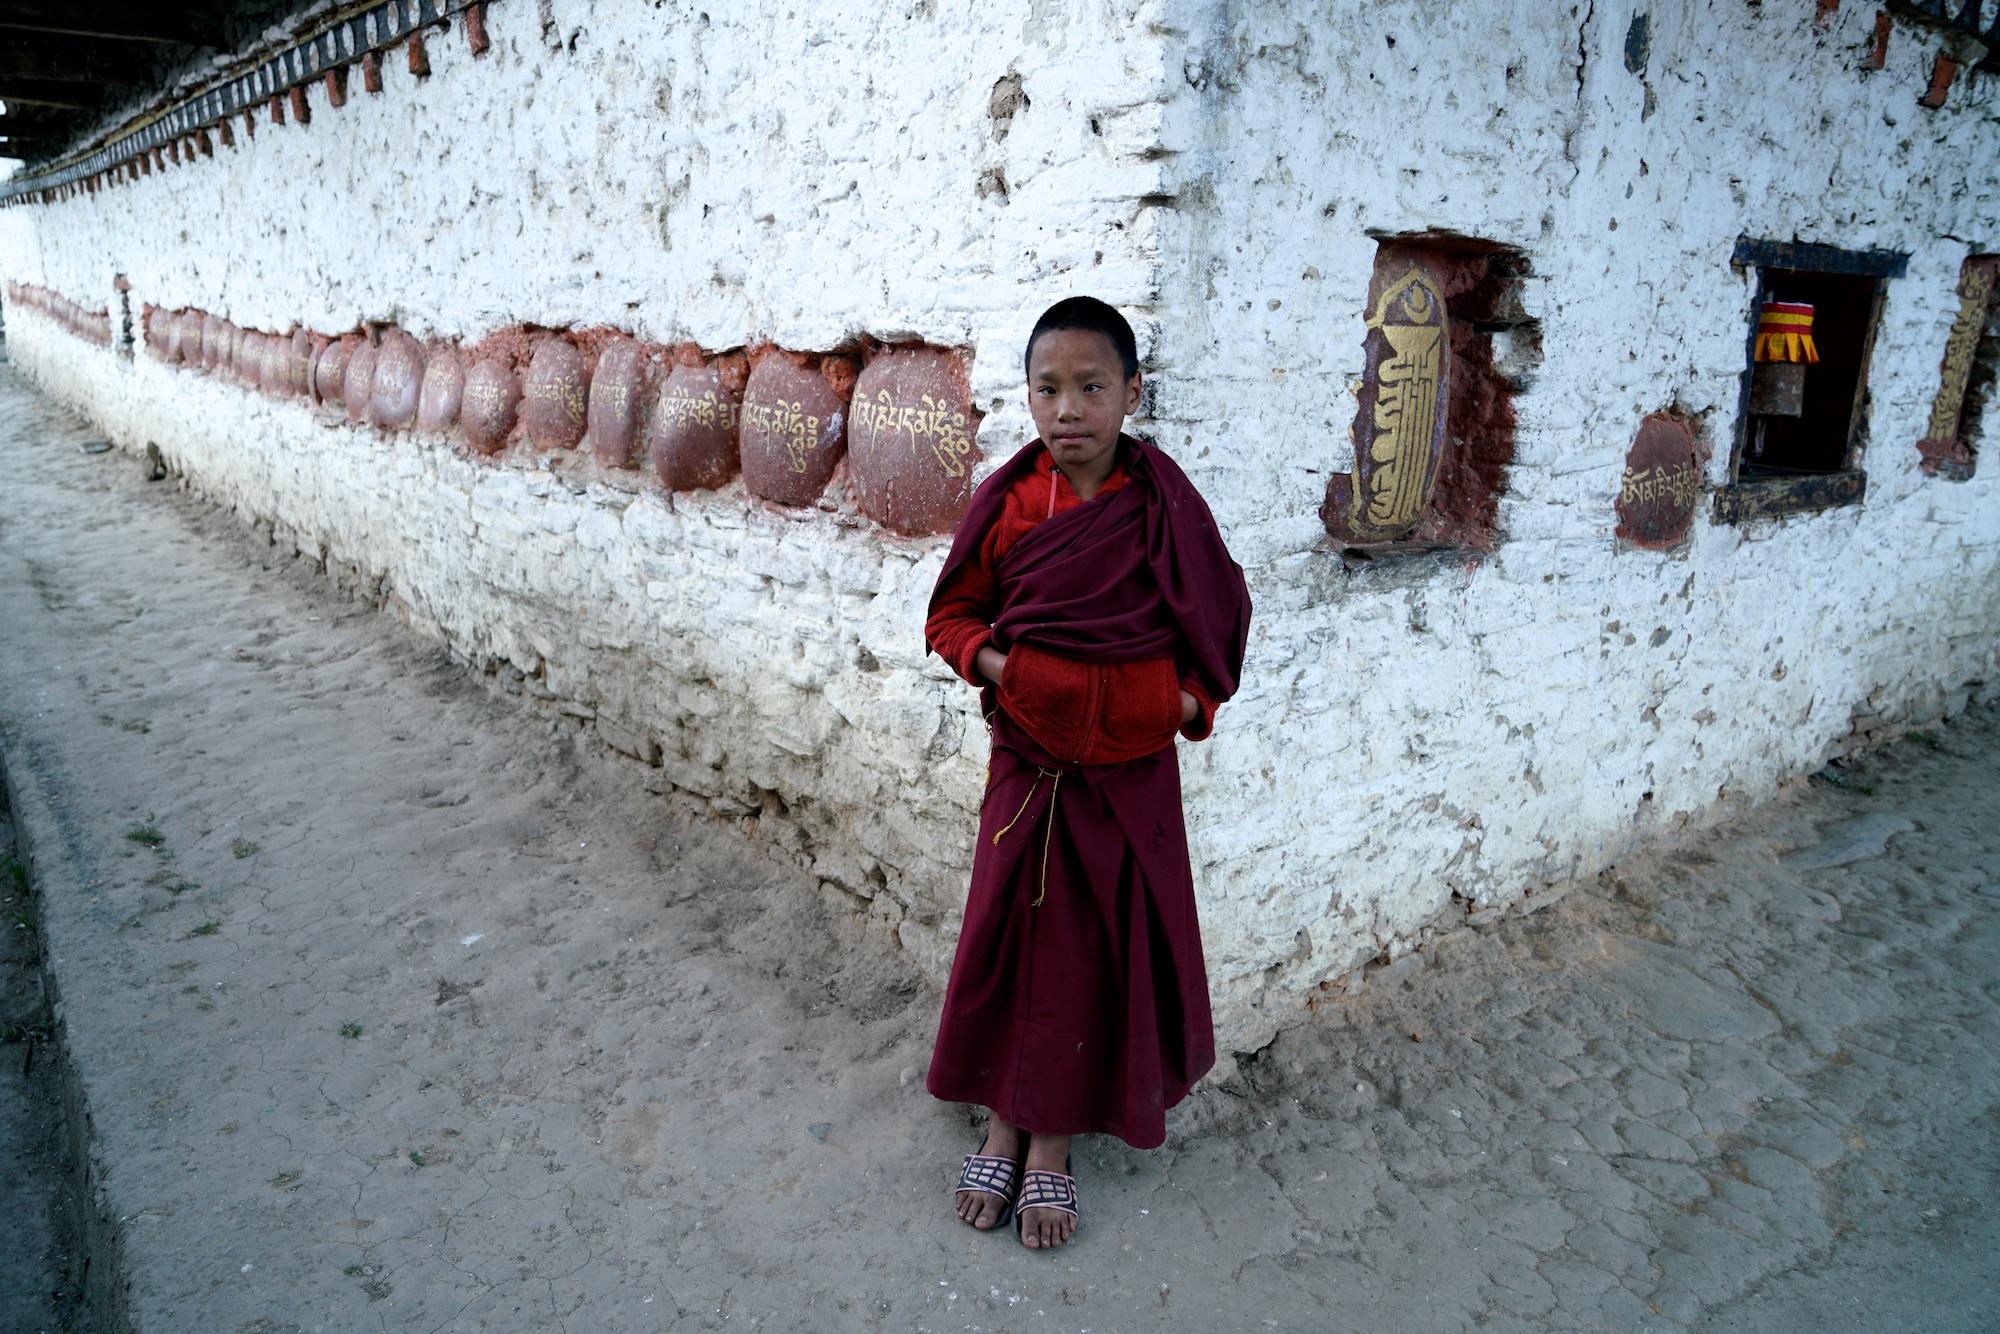 Bhutan-11-17-16- DSC03823.jpg